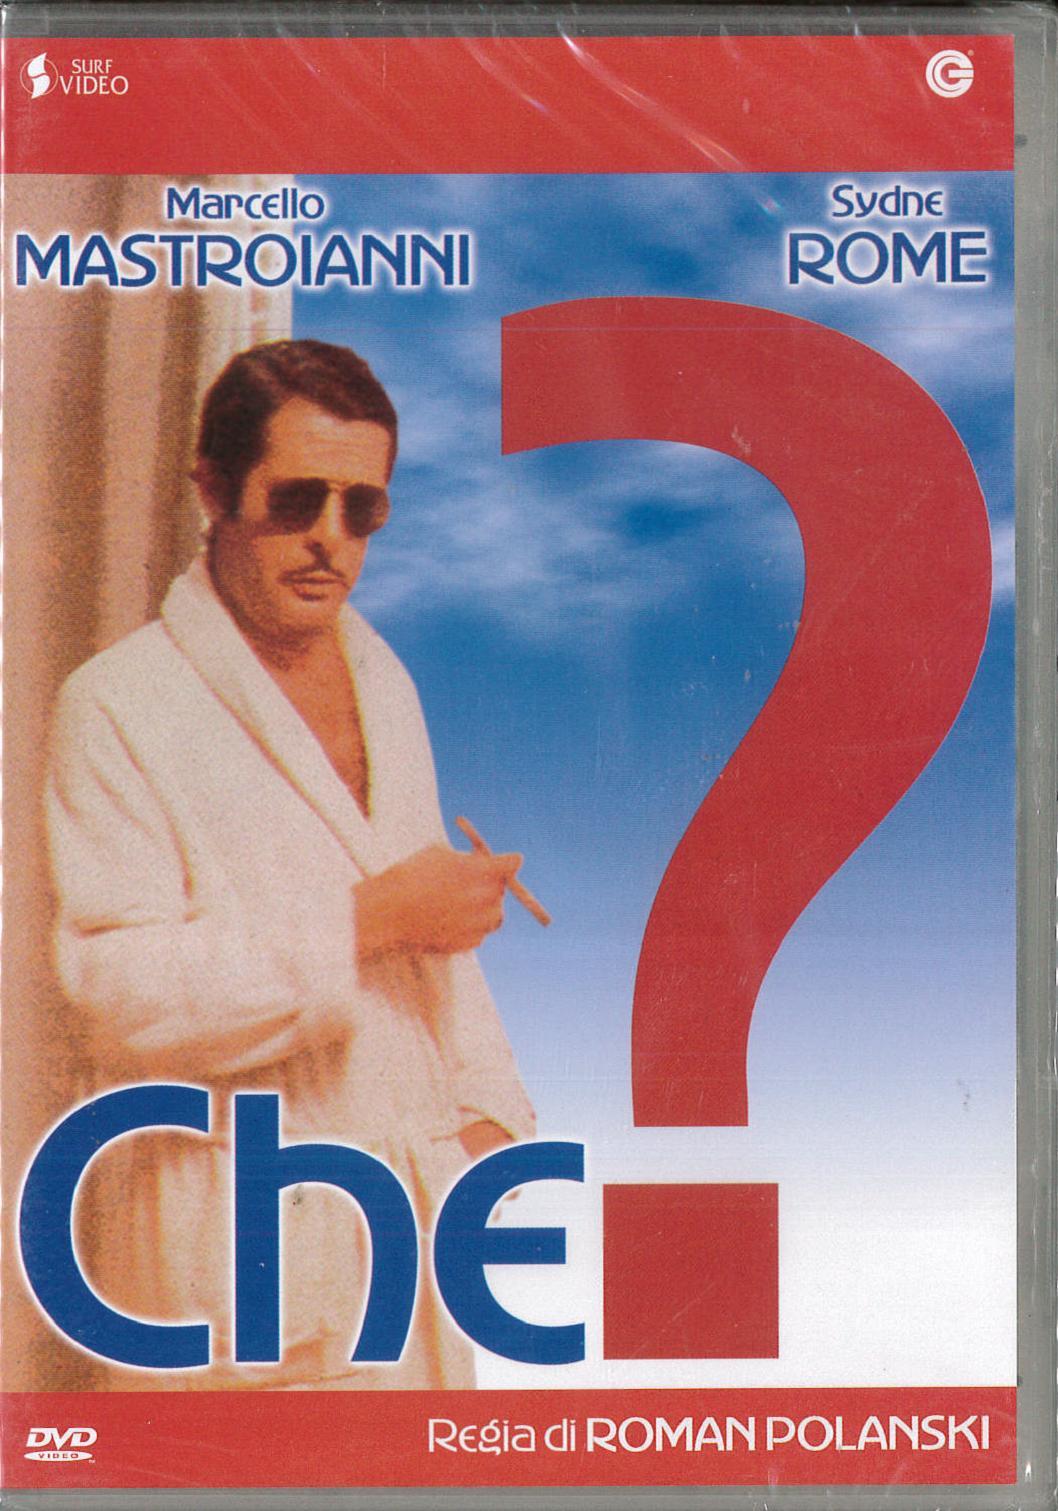 CHE ? (DVD)